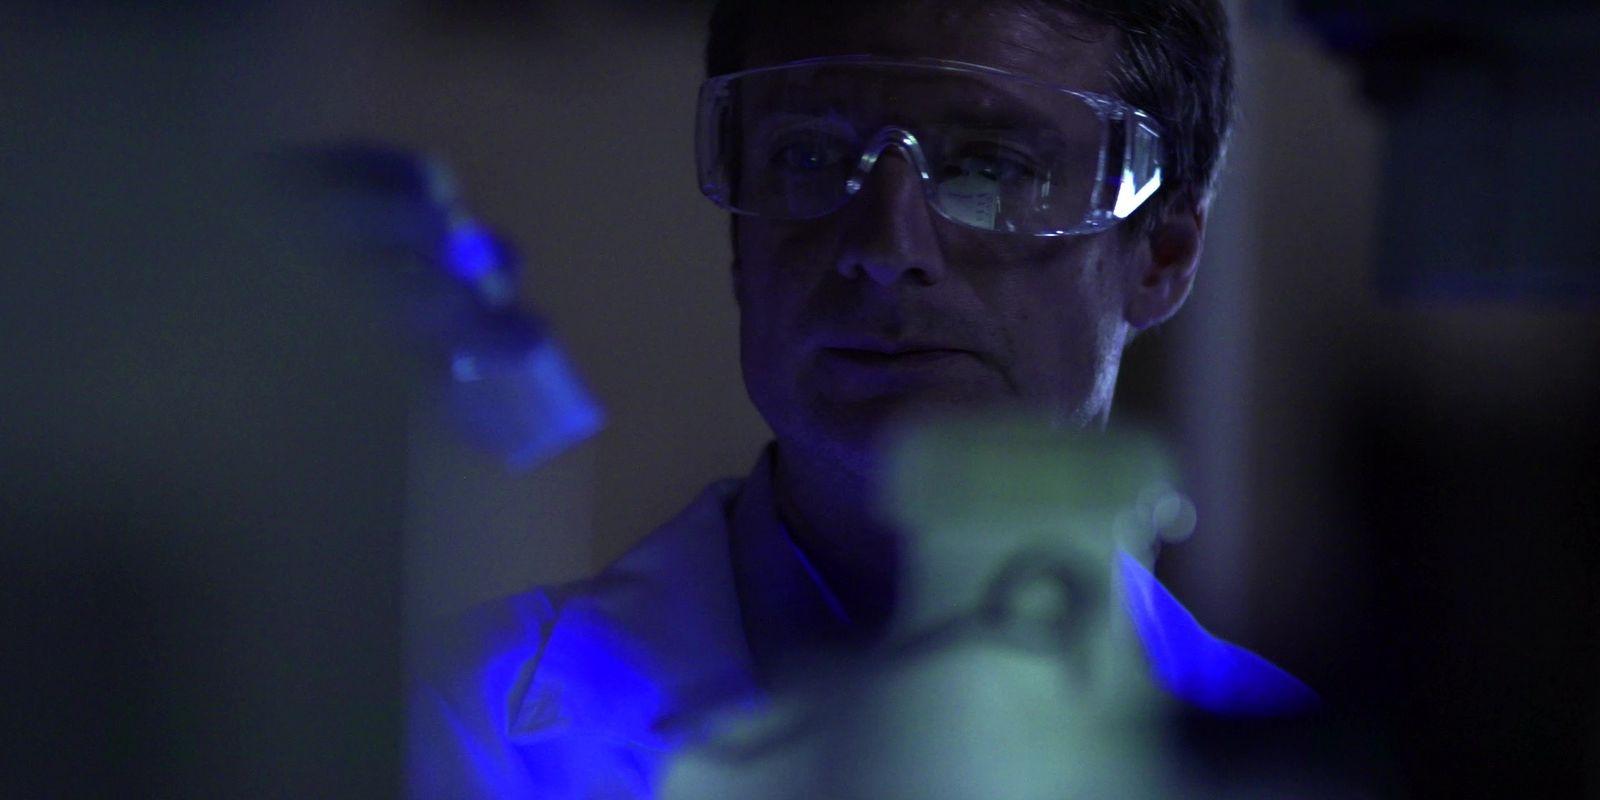 La fabrication d'un médicament, un processus long et fastidieux